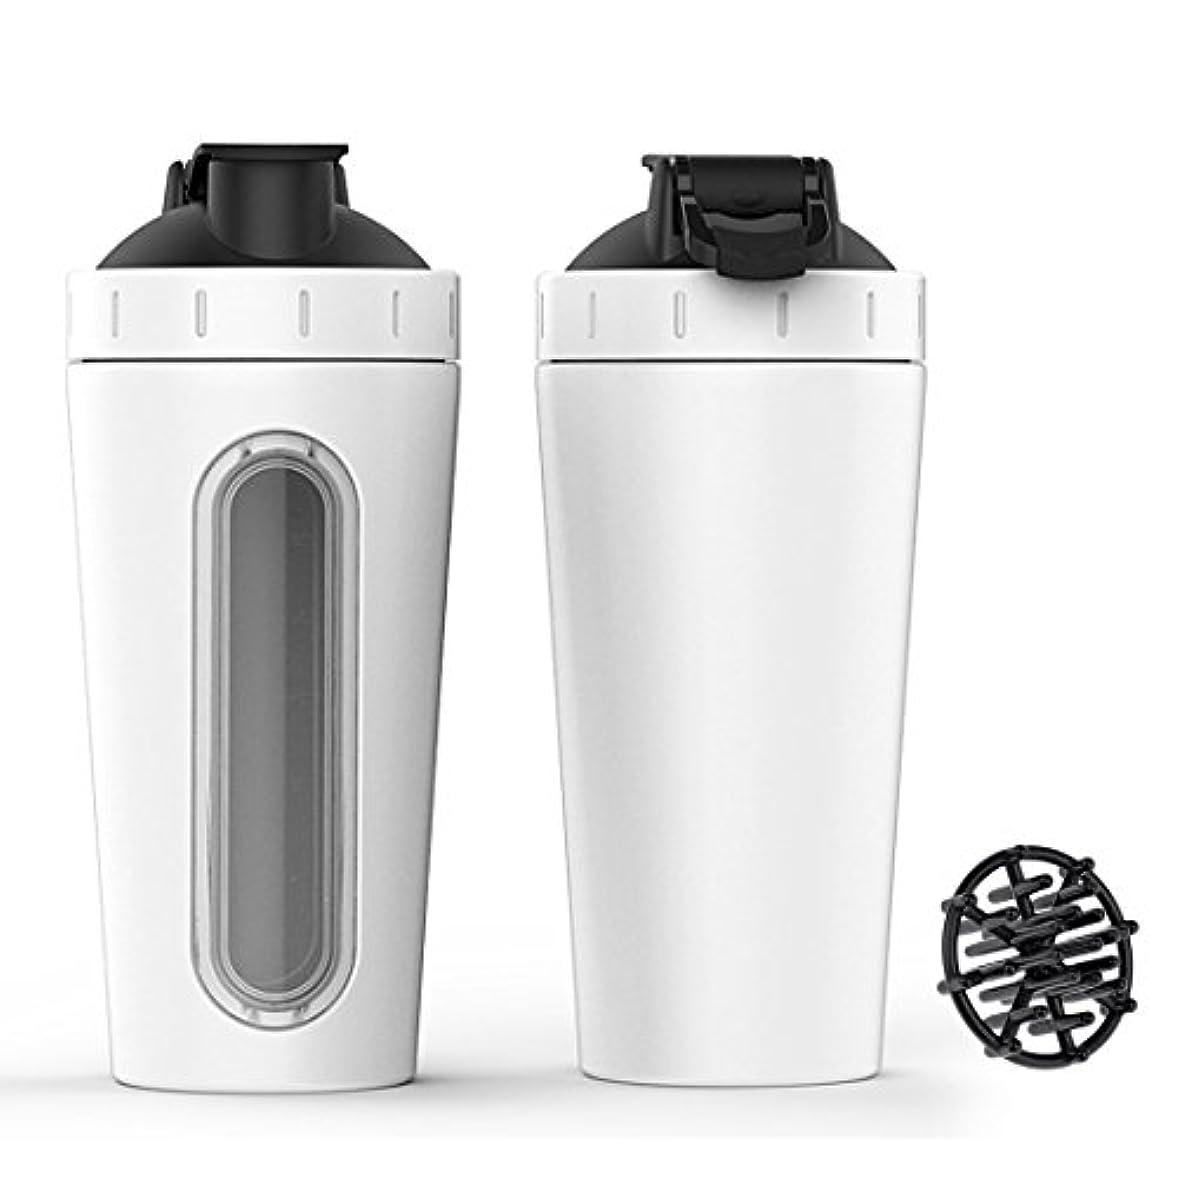 責抗生物質効果的にステンレススチール スポーツウォーターボトル プロテインミルクセーキーシェーカーカップ 可視ウィンドウ ホワイト